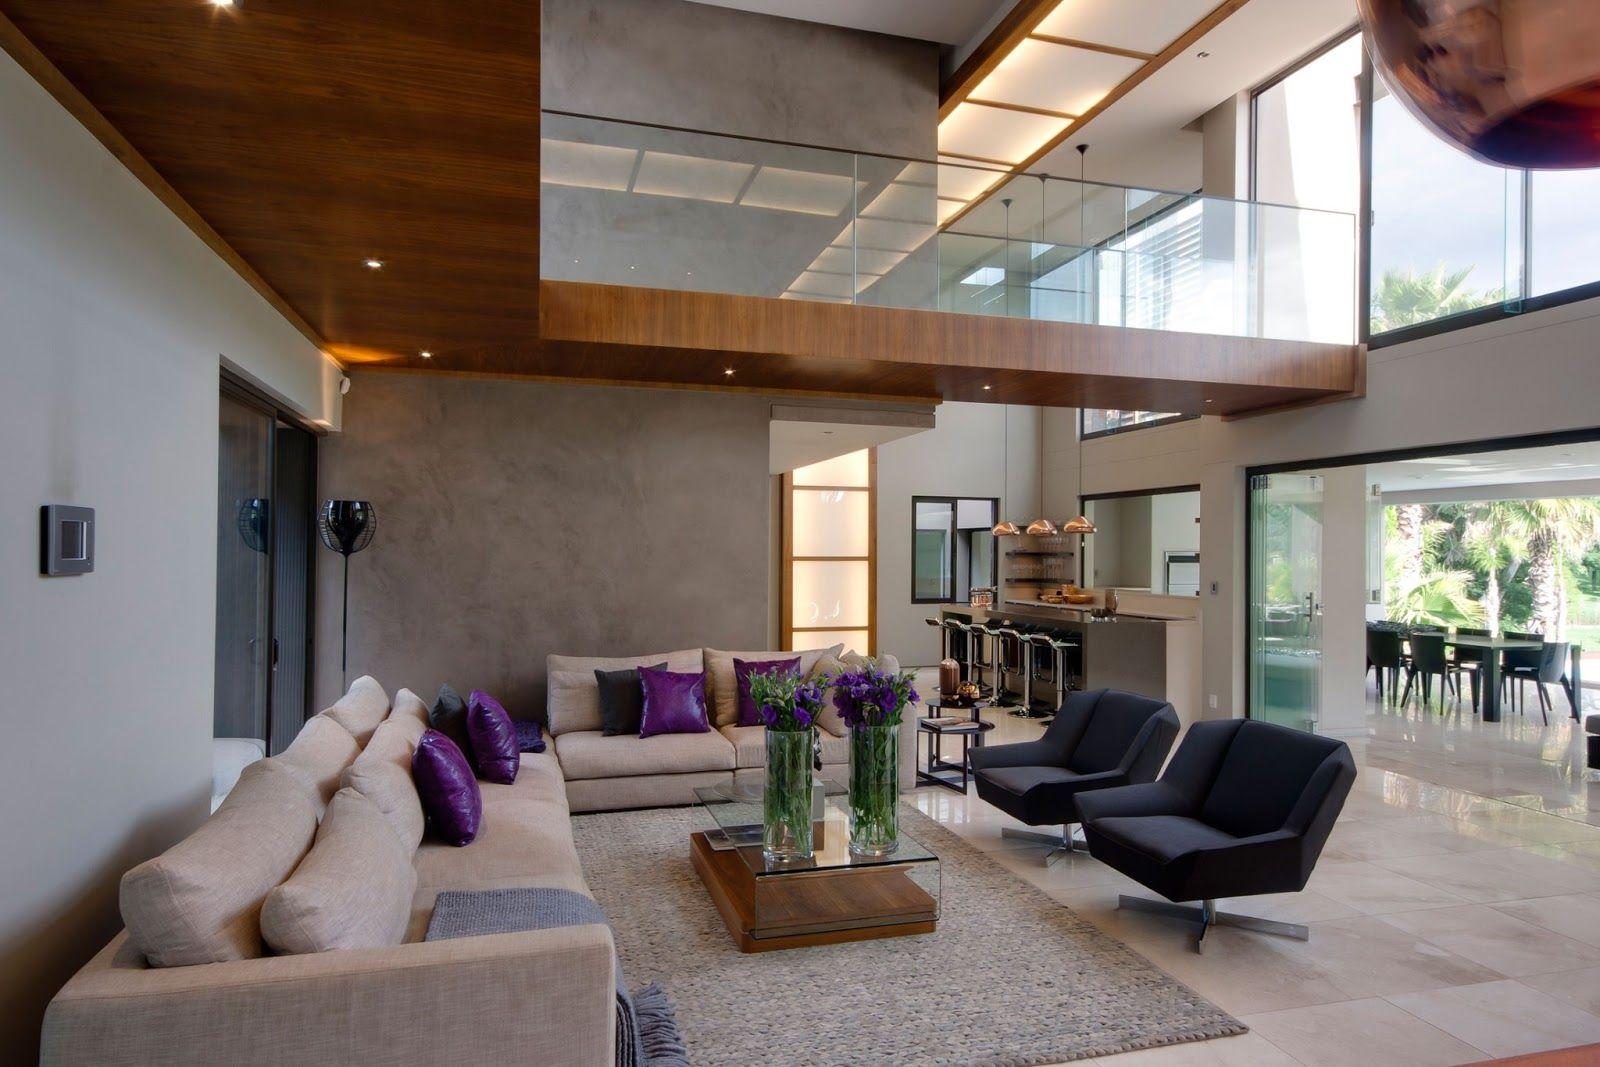 salas grandes y modernas ideas para decorar dise ar y